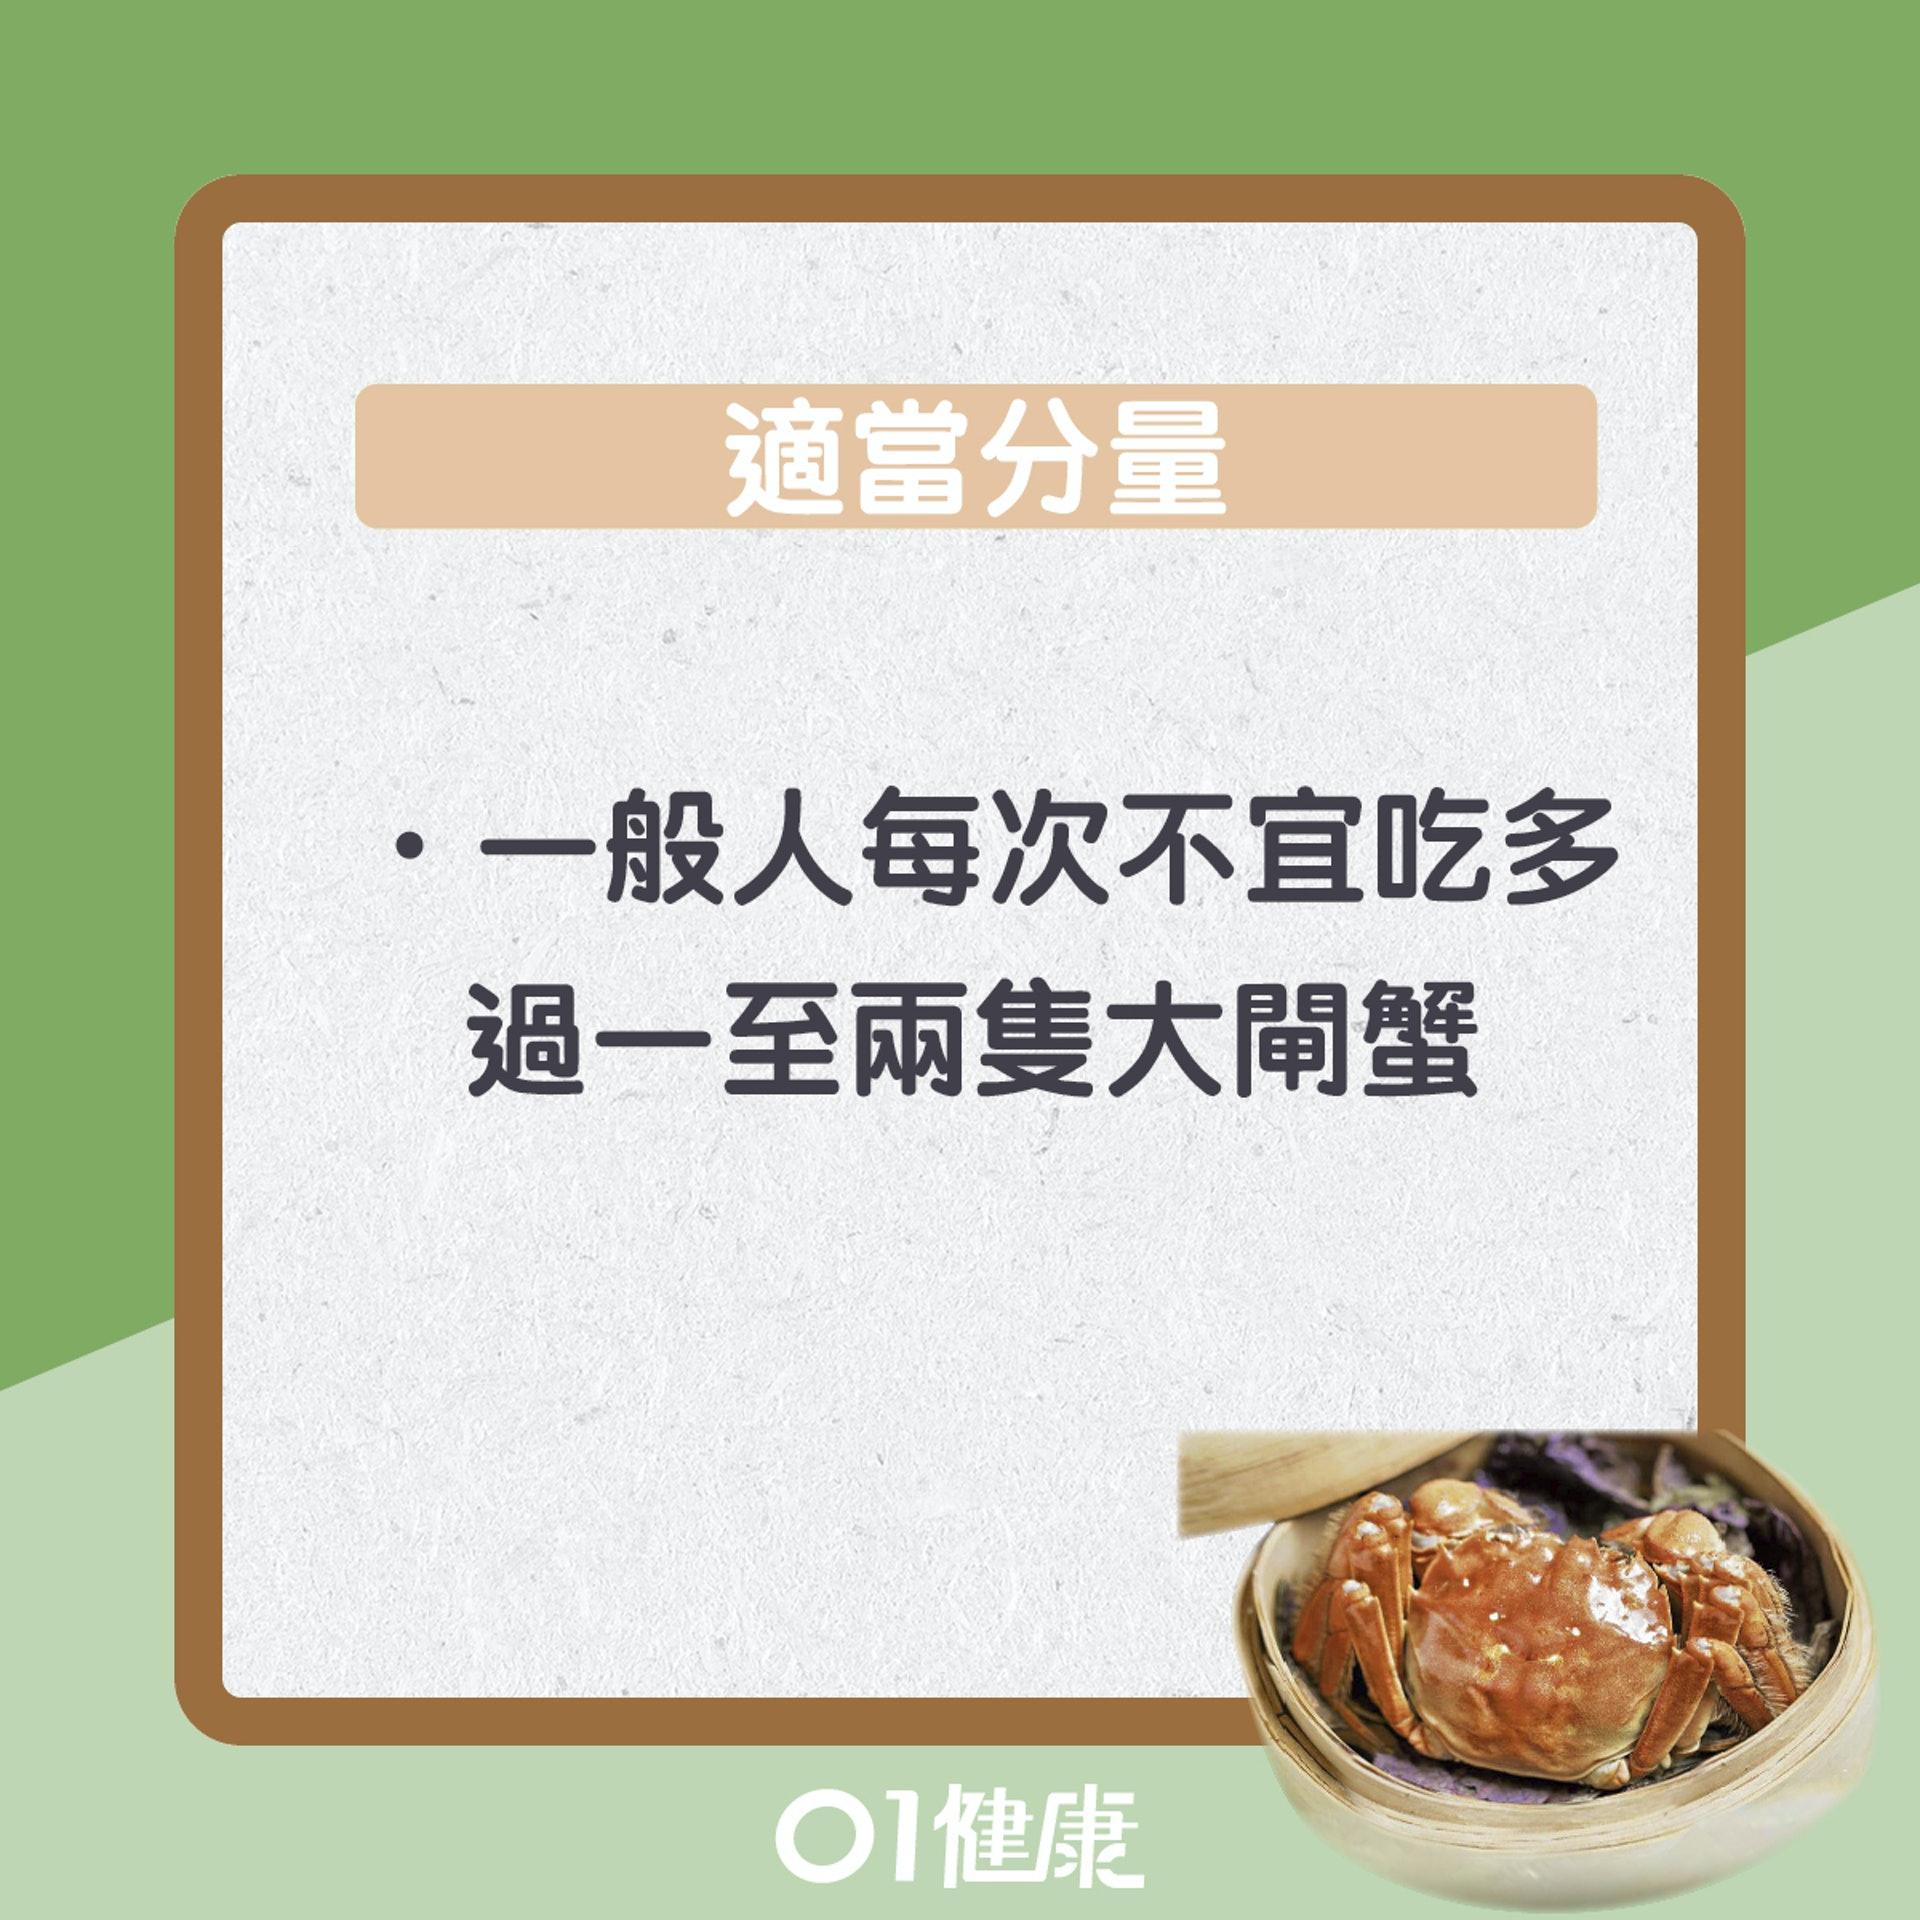 進食過量大閘蟹徵狀(01製圖)